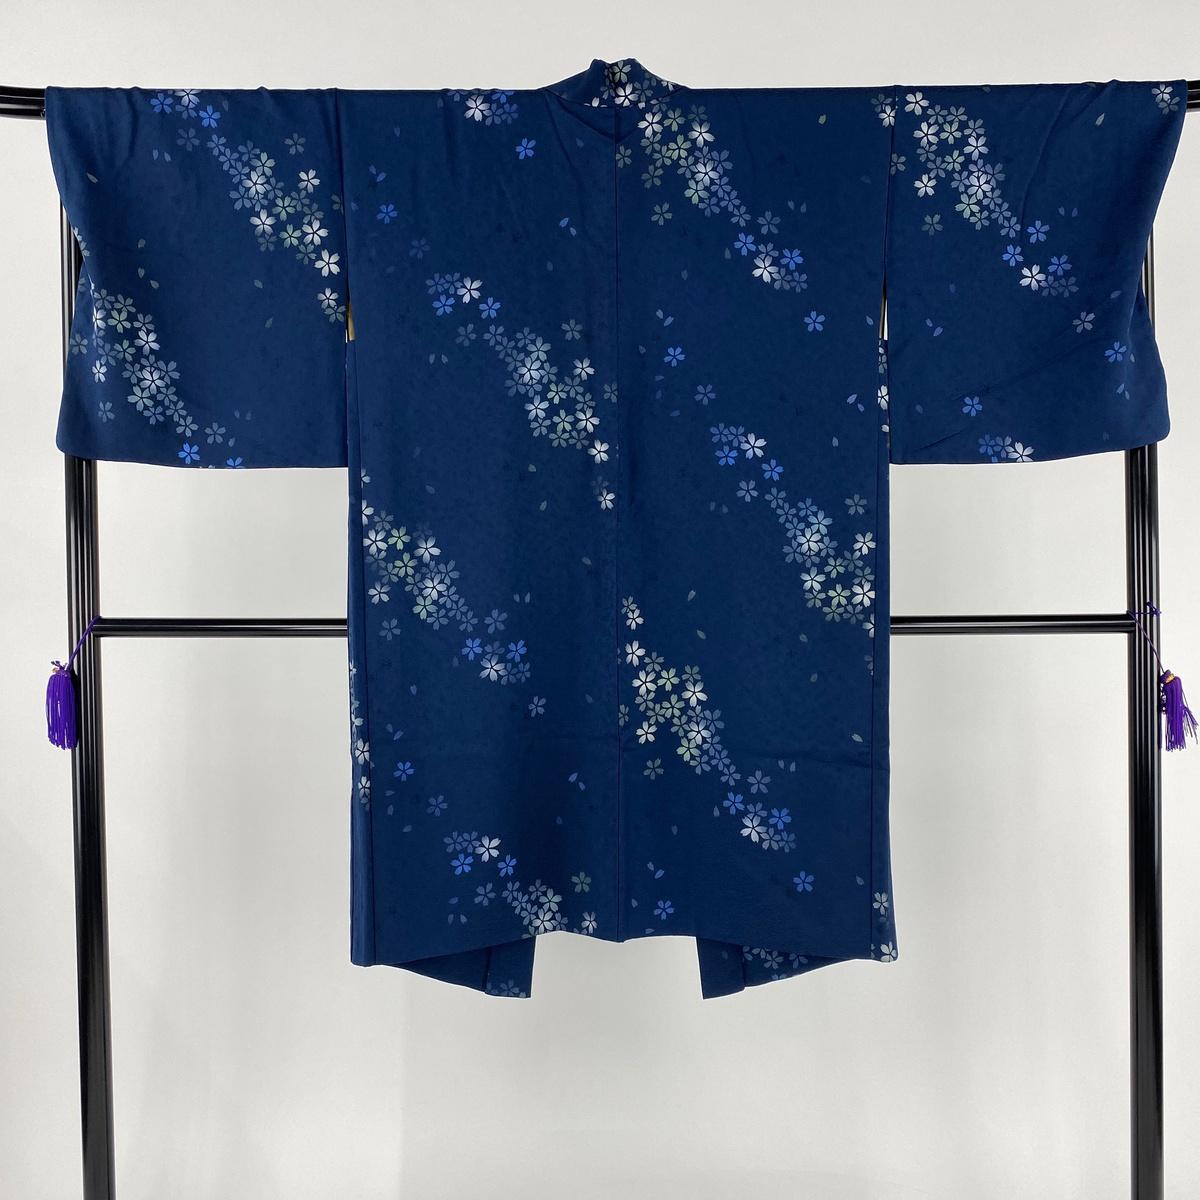 羽織 美品 逸品 桜 ぼかし 藍色 身丈108cm 裄丈69.5cm L 正絹 【中古】